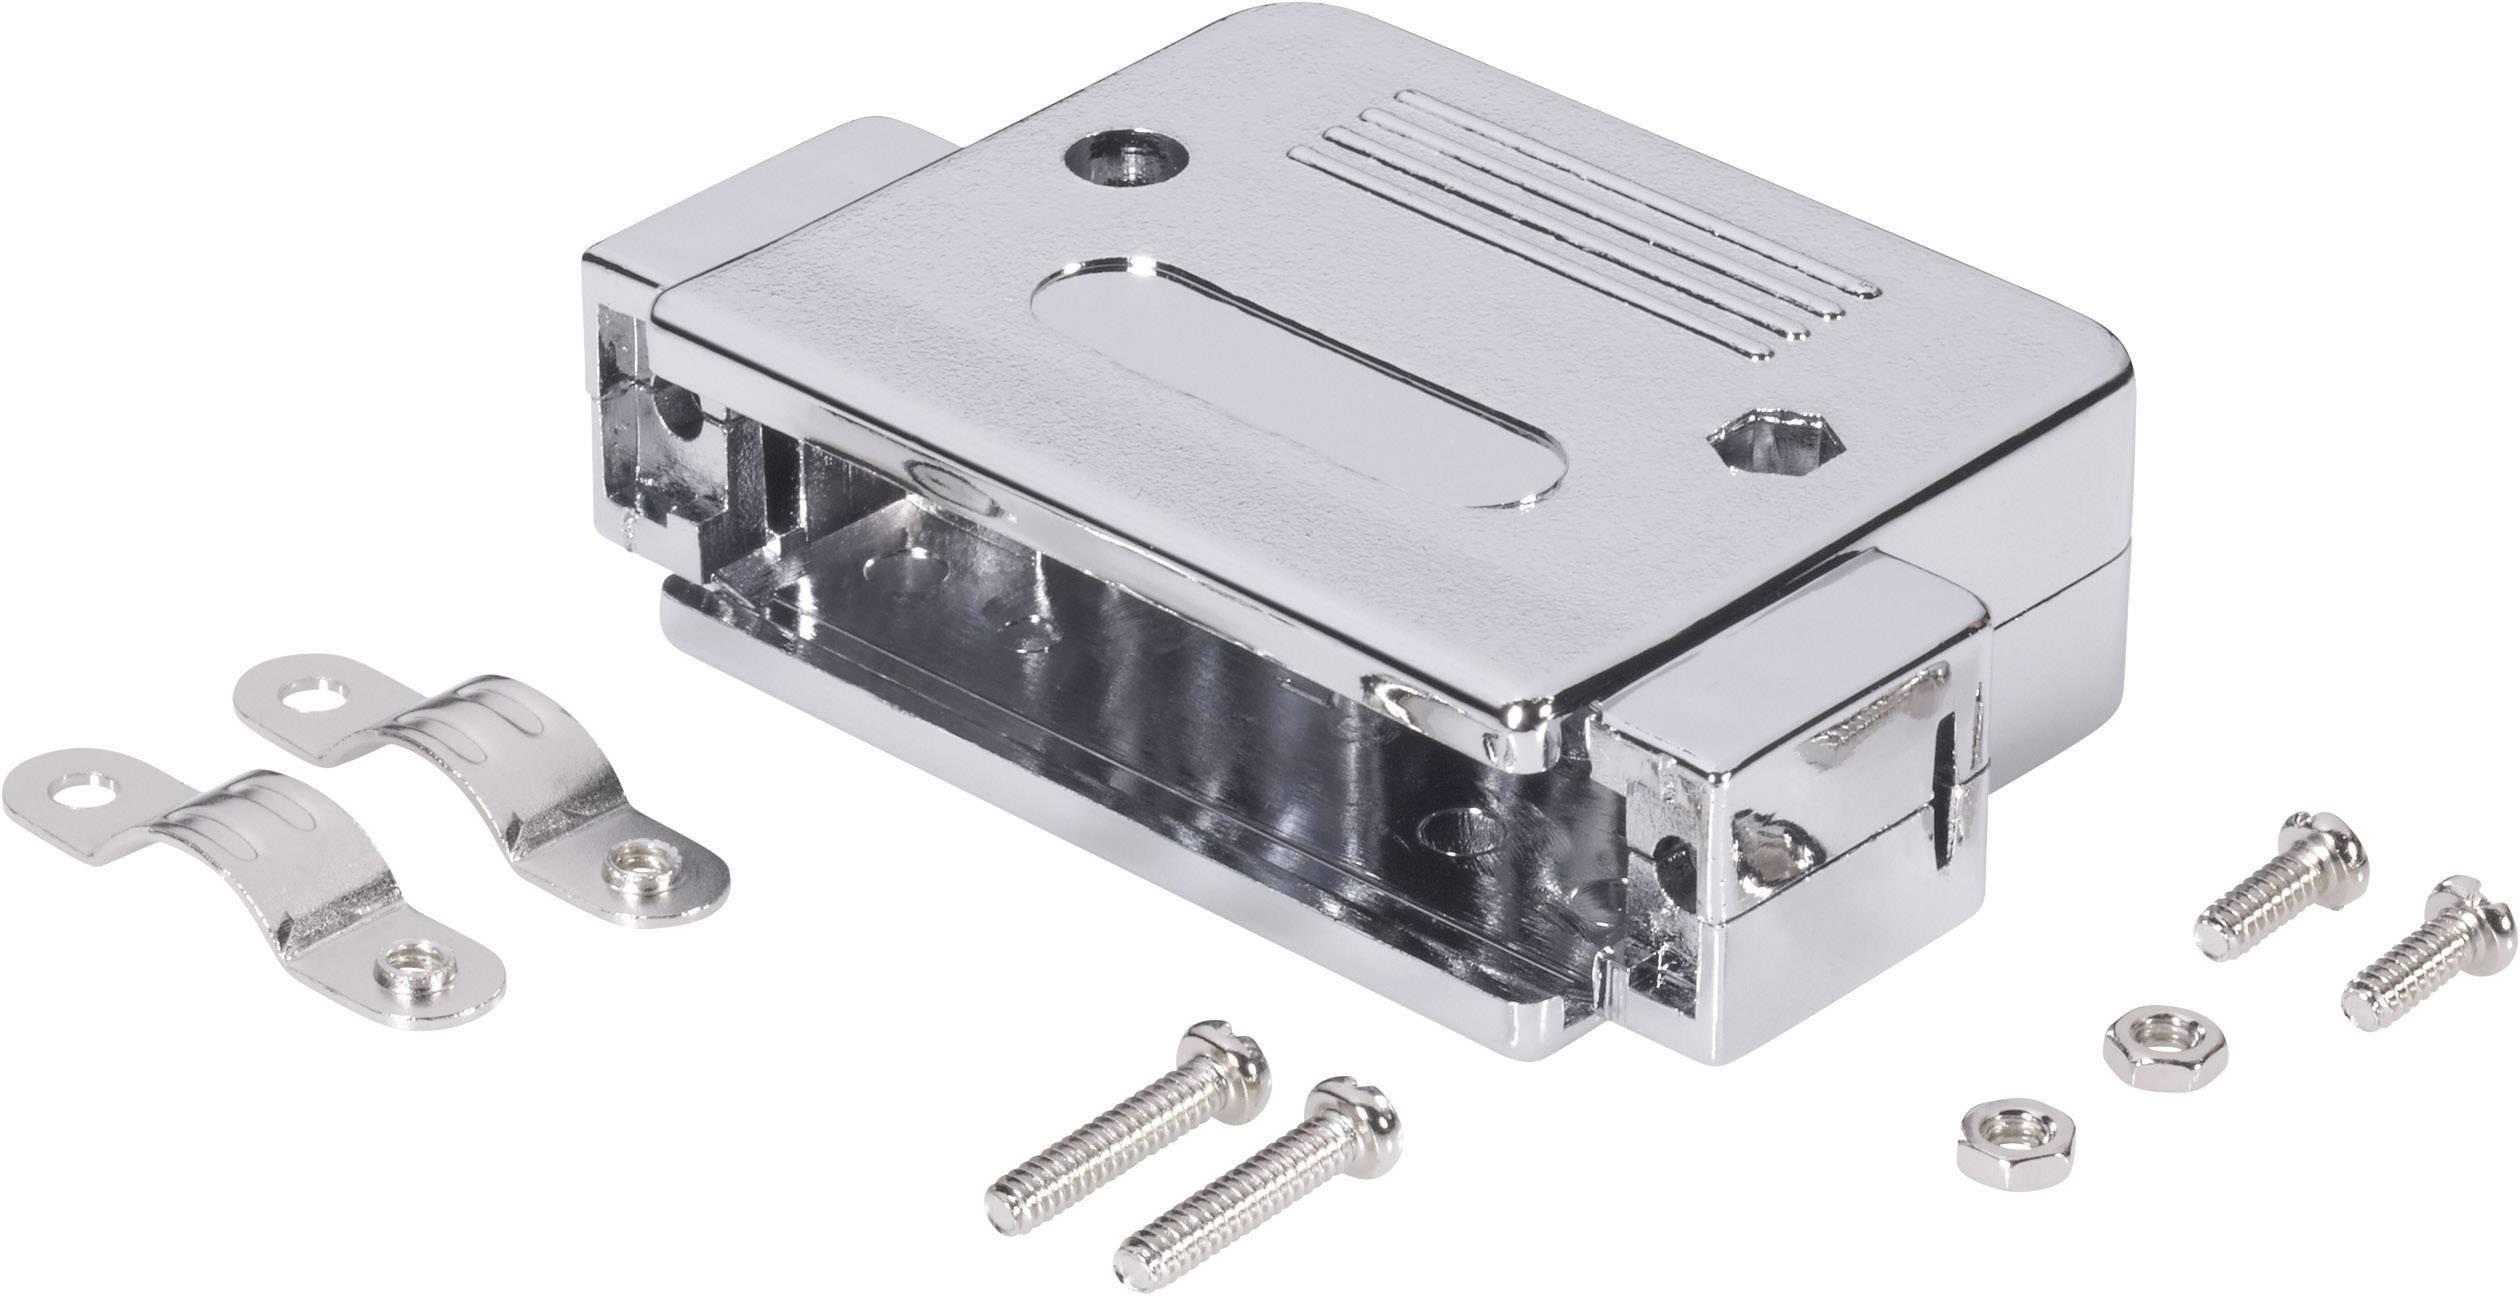 D-SUB púzdro BKL Electronic 10120076 10120076, počet pinov: 9, plast, pokovaný, 180 °, strieborná, 1 ks